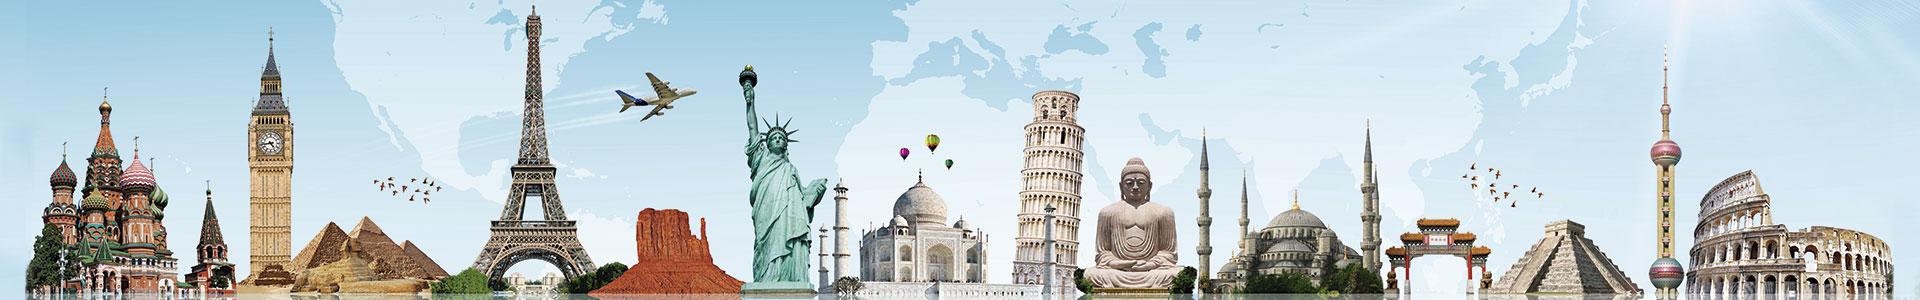 Estudiar en el exterior - Intercambios internacionales